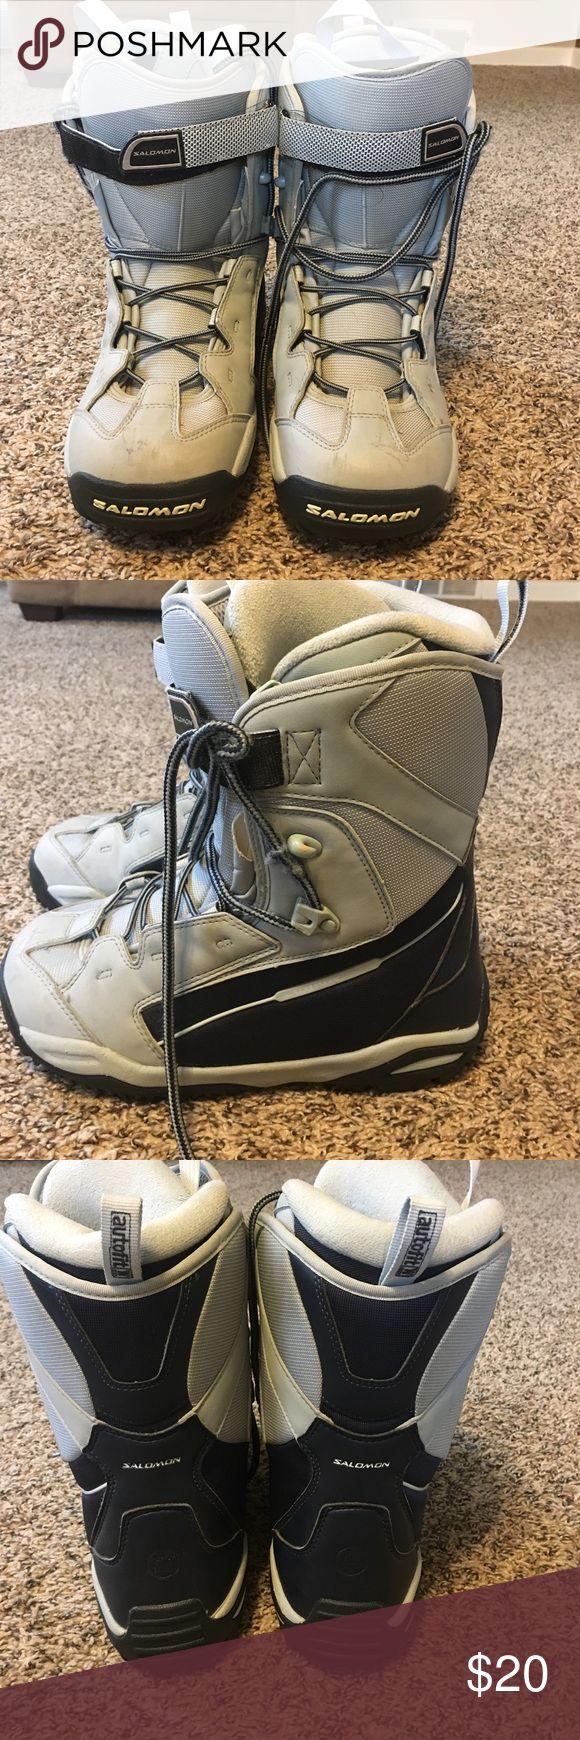 Salomon women's Snowboarding boots size 8 Salomon snowboarding boots. Used but still great to use. Any questions please ask! Salomon Shoes Winter & Rain Boots